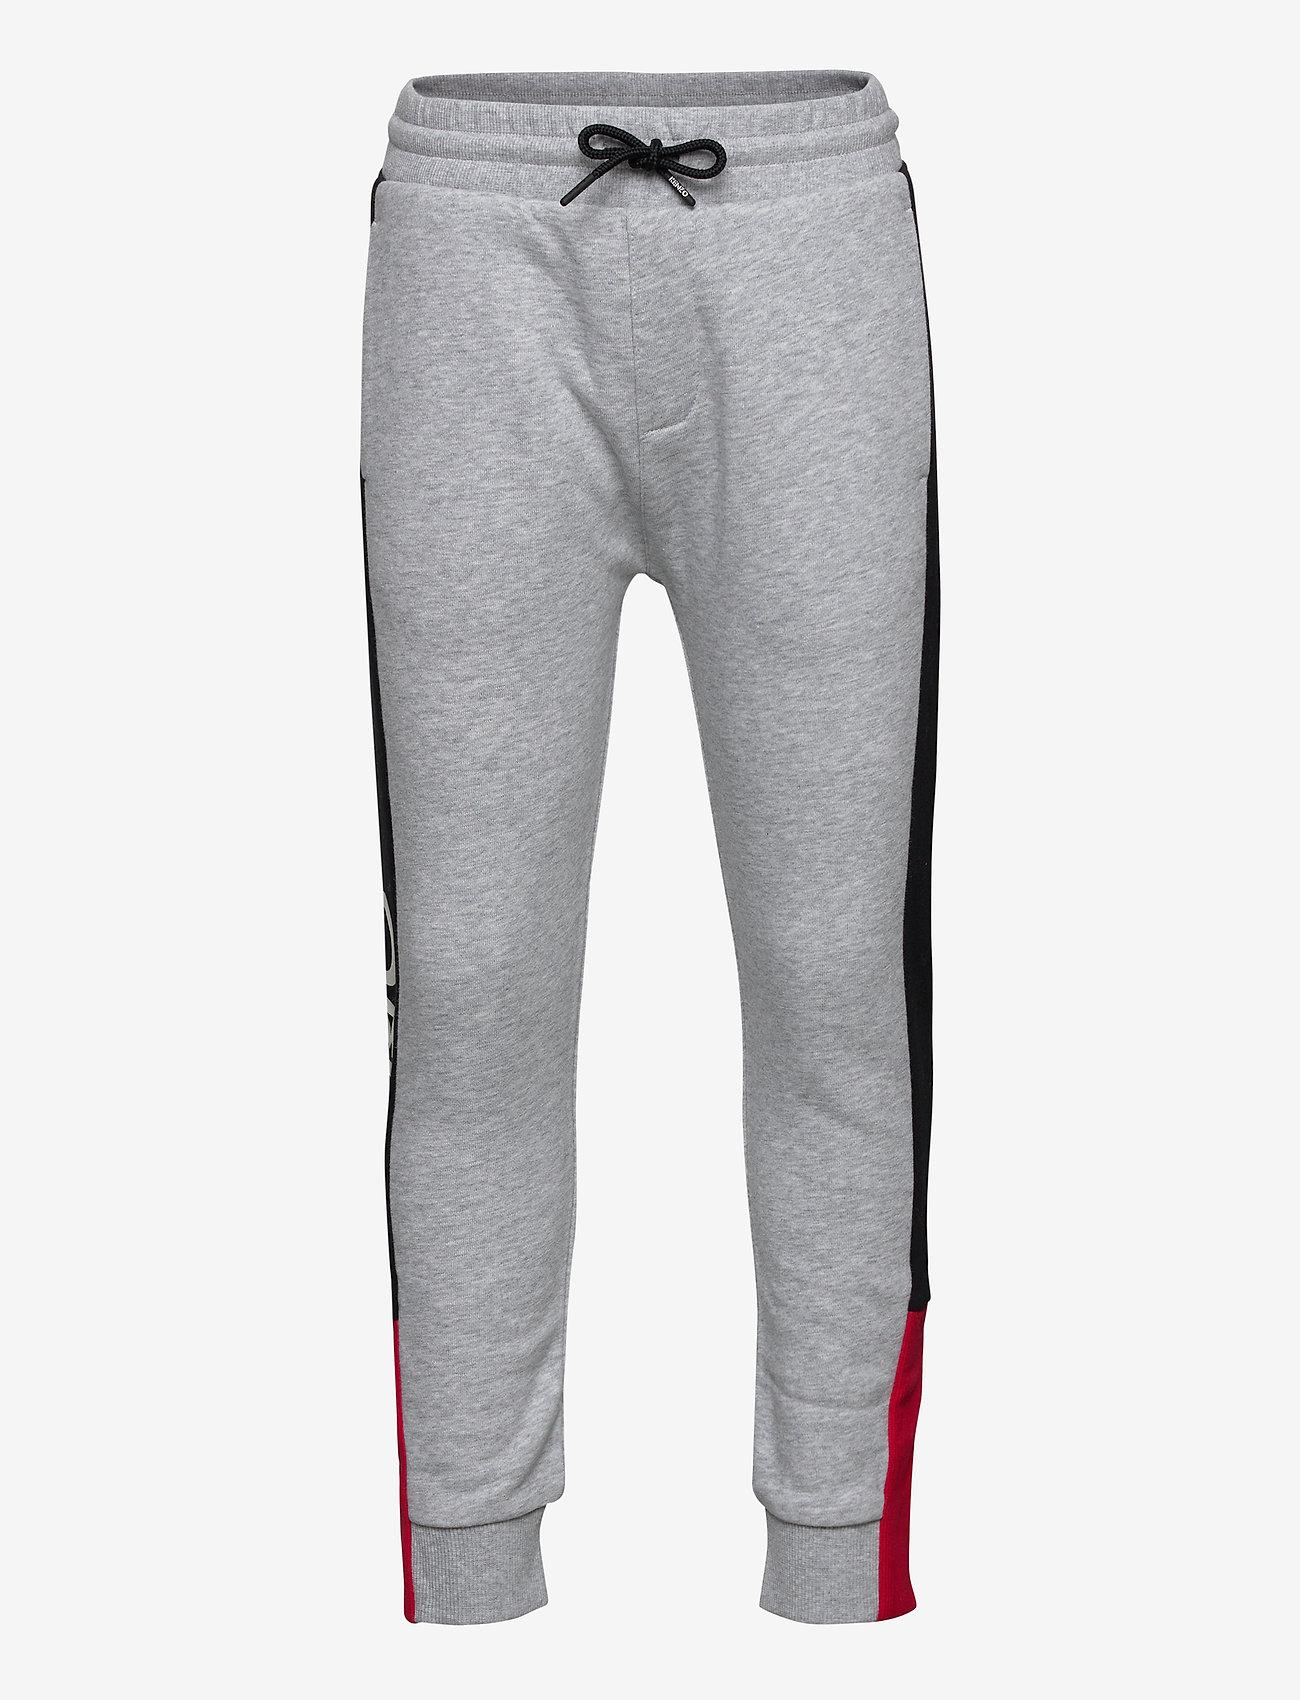 Kenzo - KARL - sweatpants - grey chine - 0